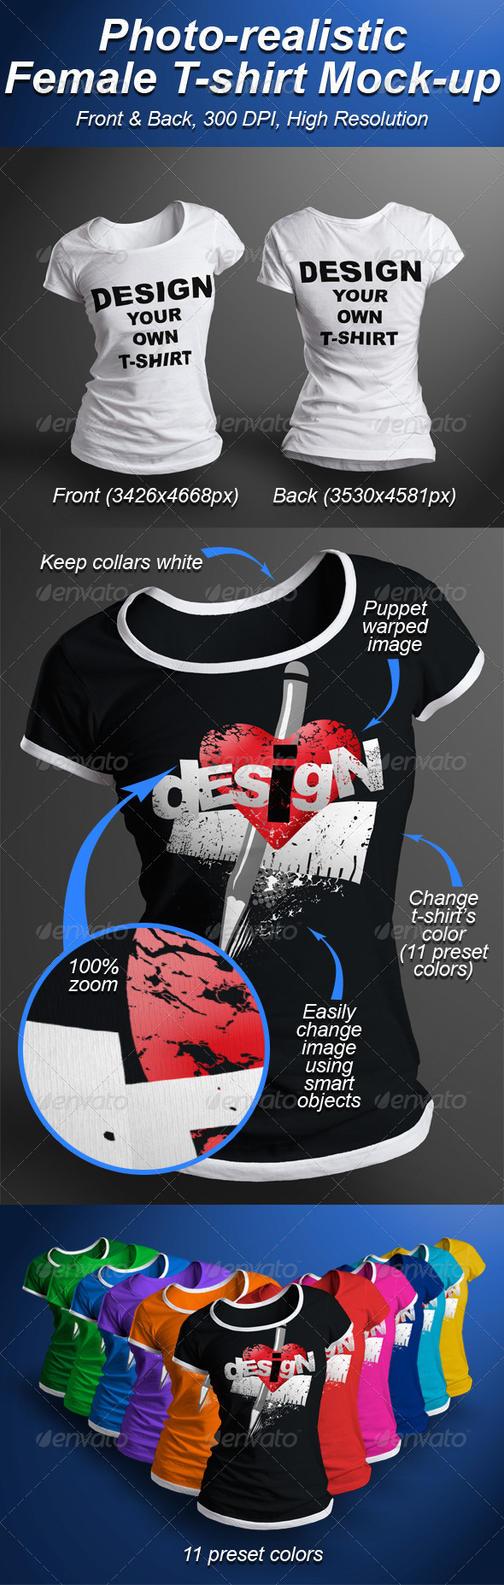 Female T-shirt Mock-up Photorealistic 3D Look by Ondrejvasak